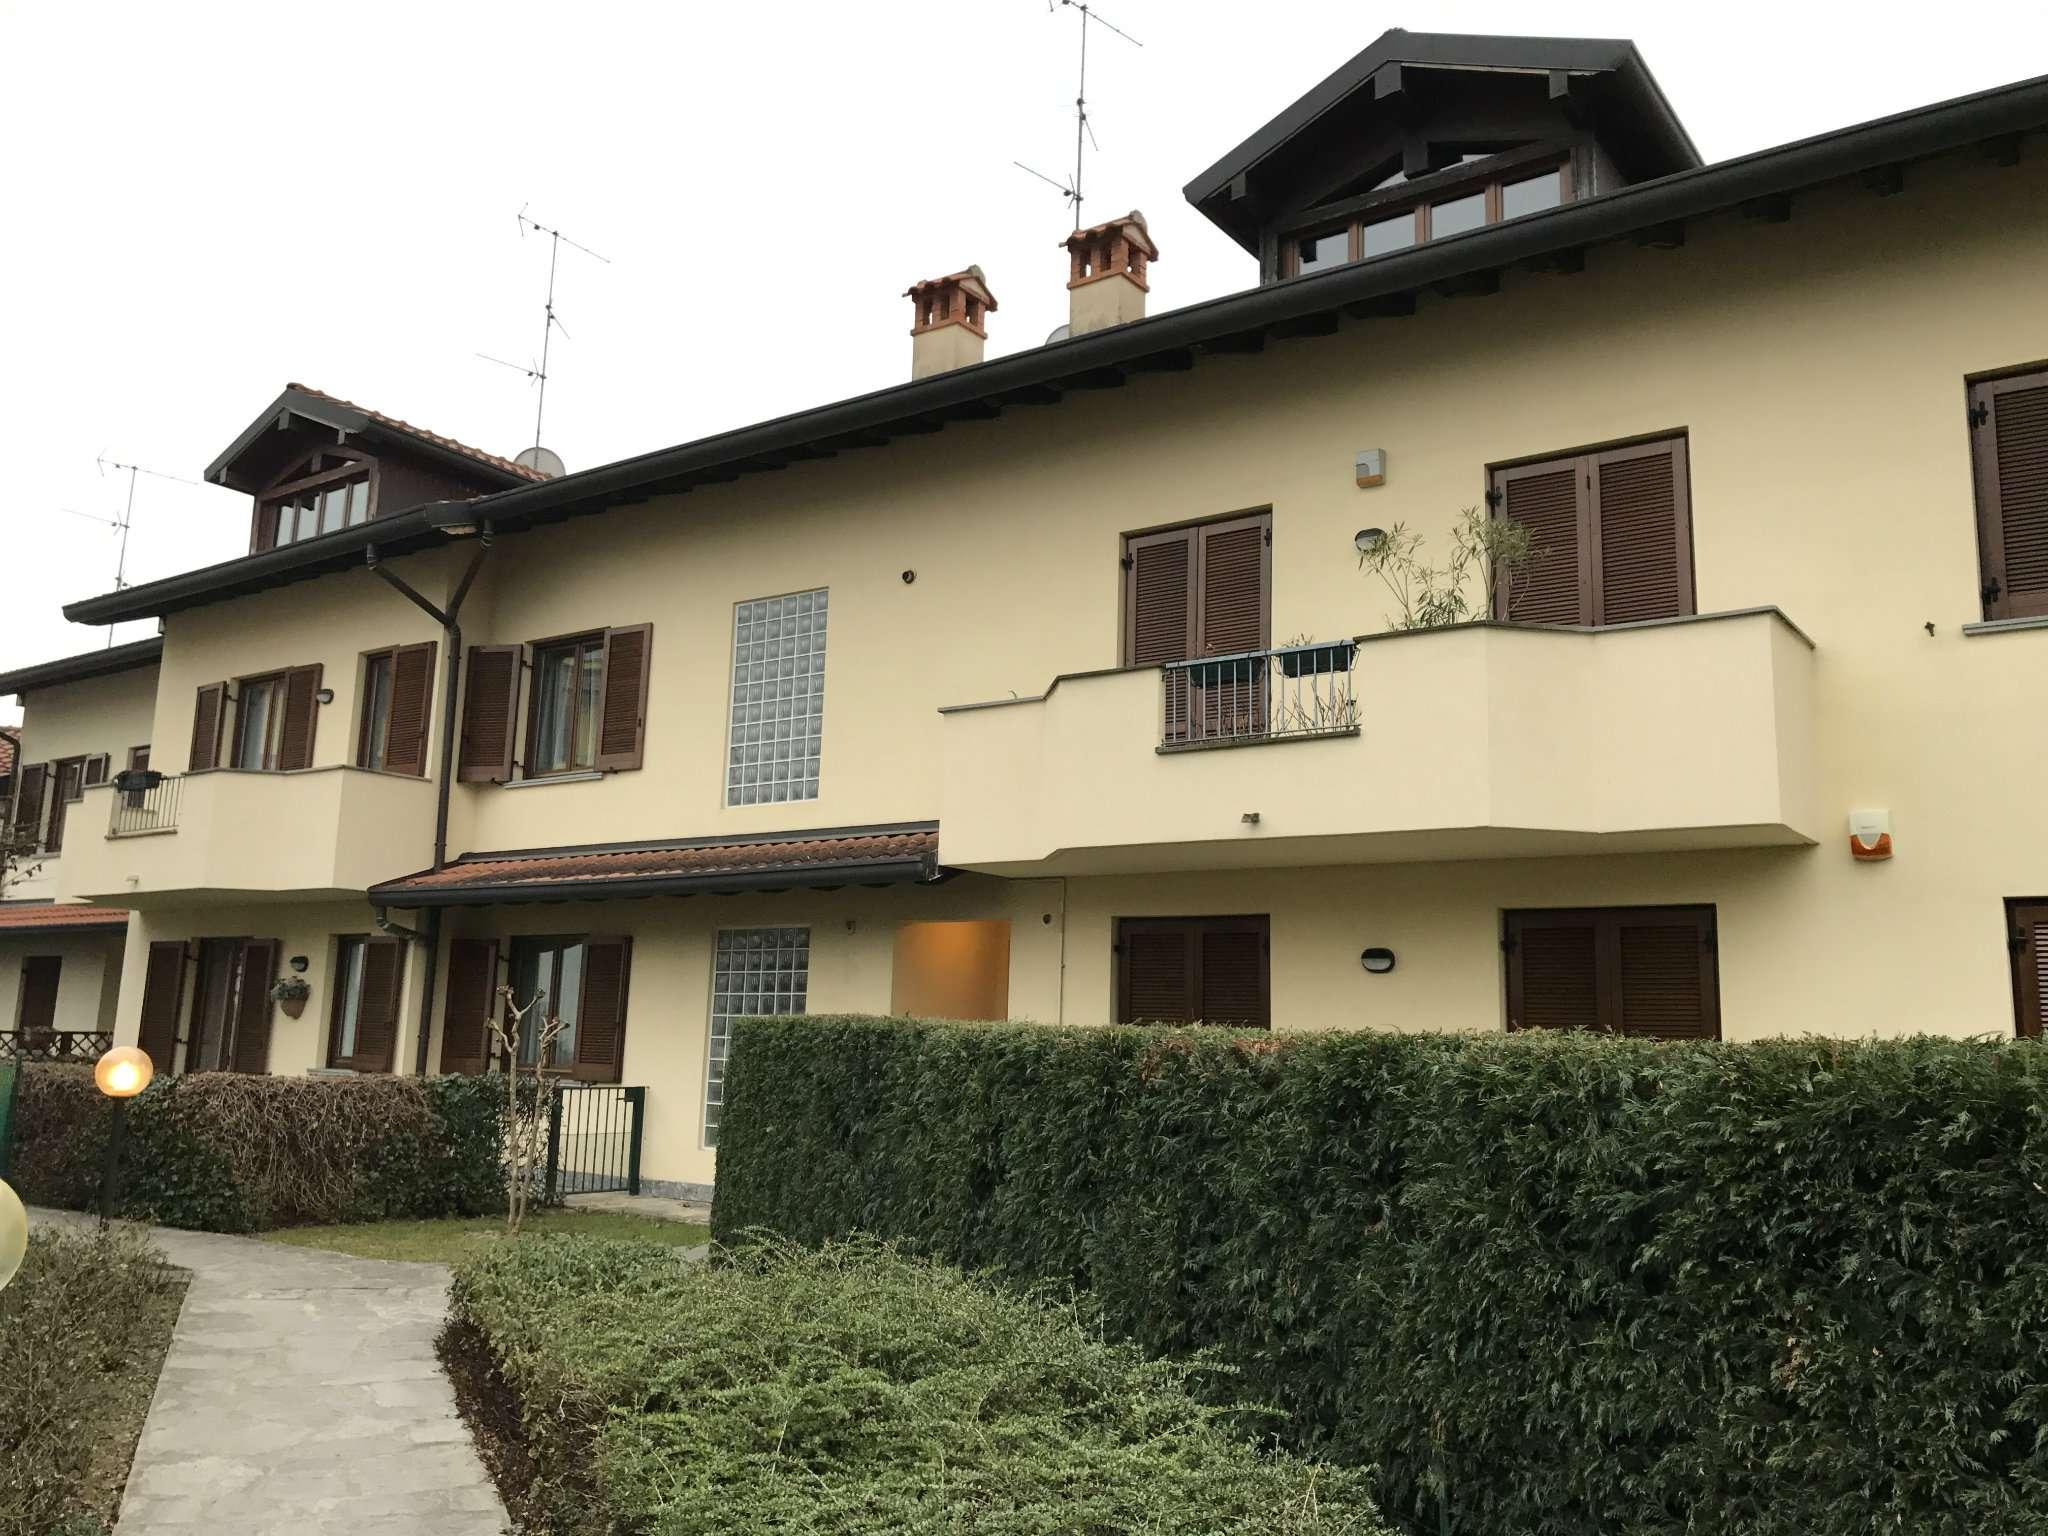 Appartamento in vendita a Usmate Velate, 5 locali, prezzo € 249.000 | CambioCasa.it